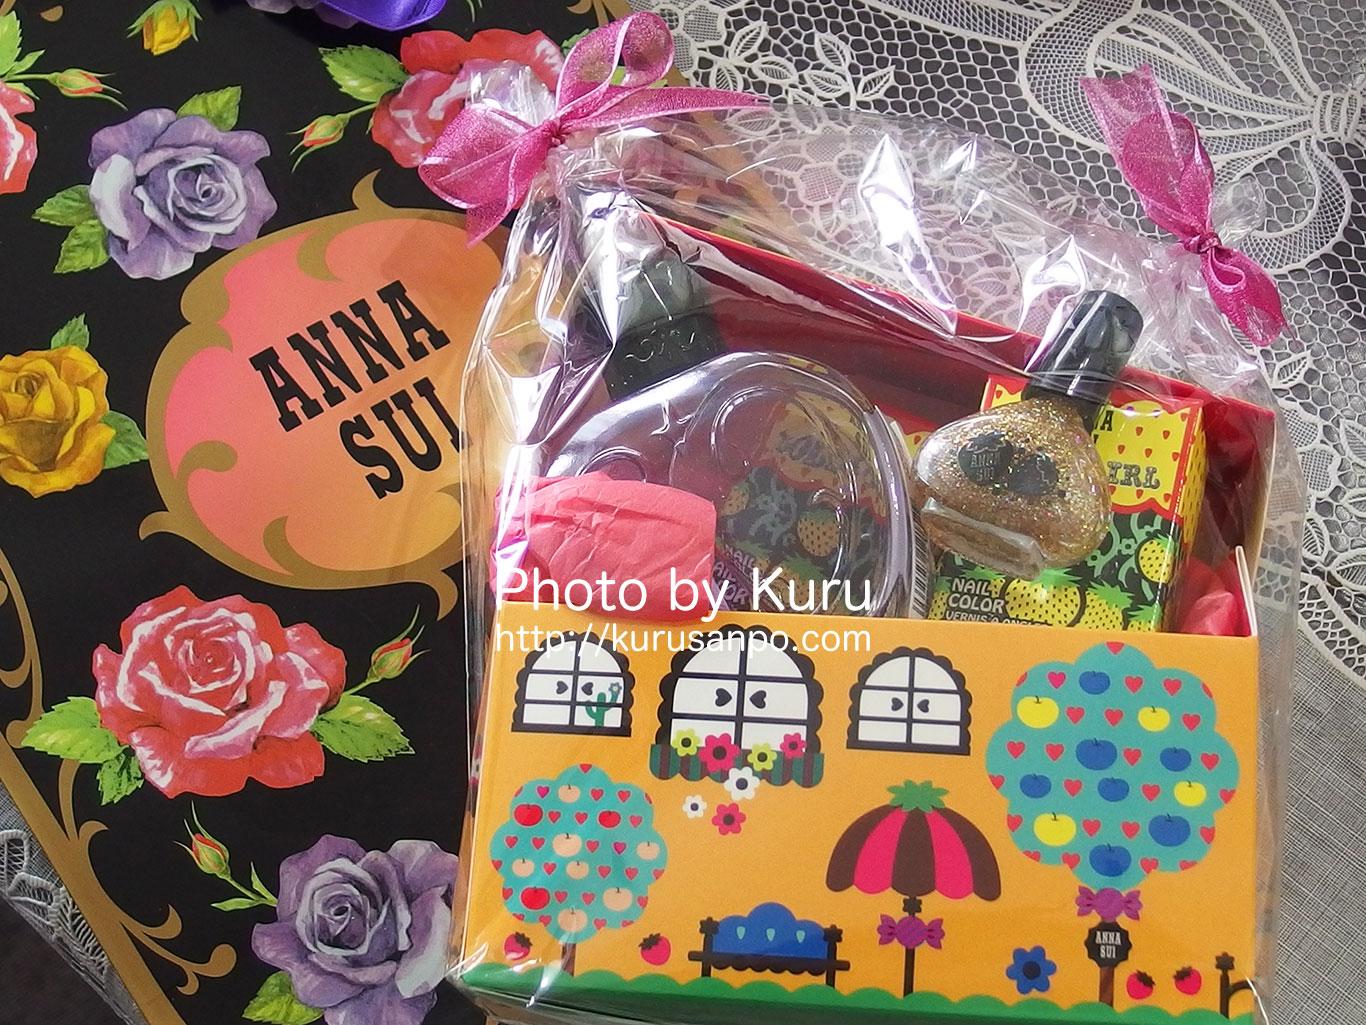 ドーリーガール バイ アナ スイの『ネイルカラー』を誕生日プレゼントにもらったよー♪